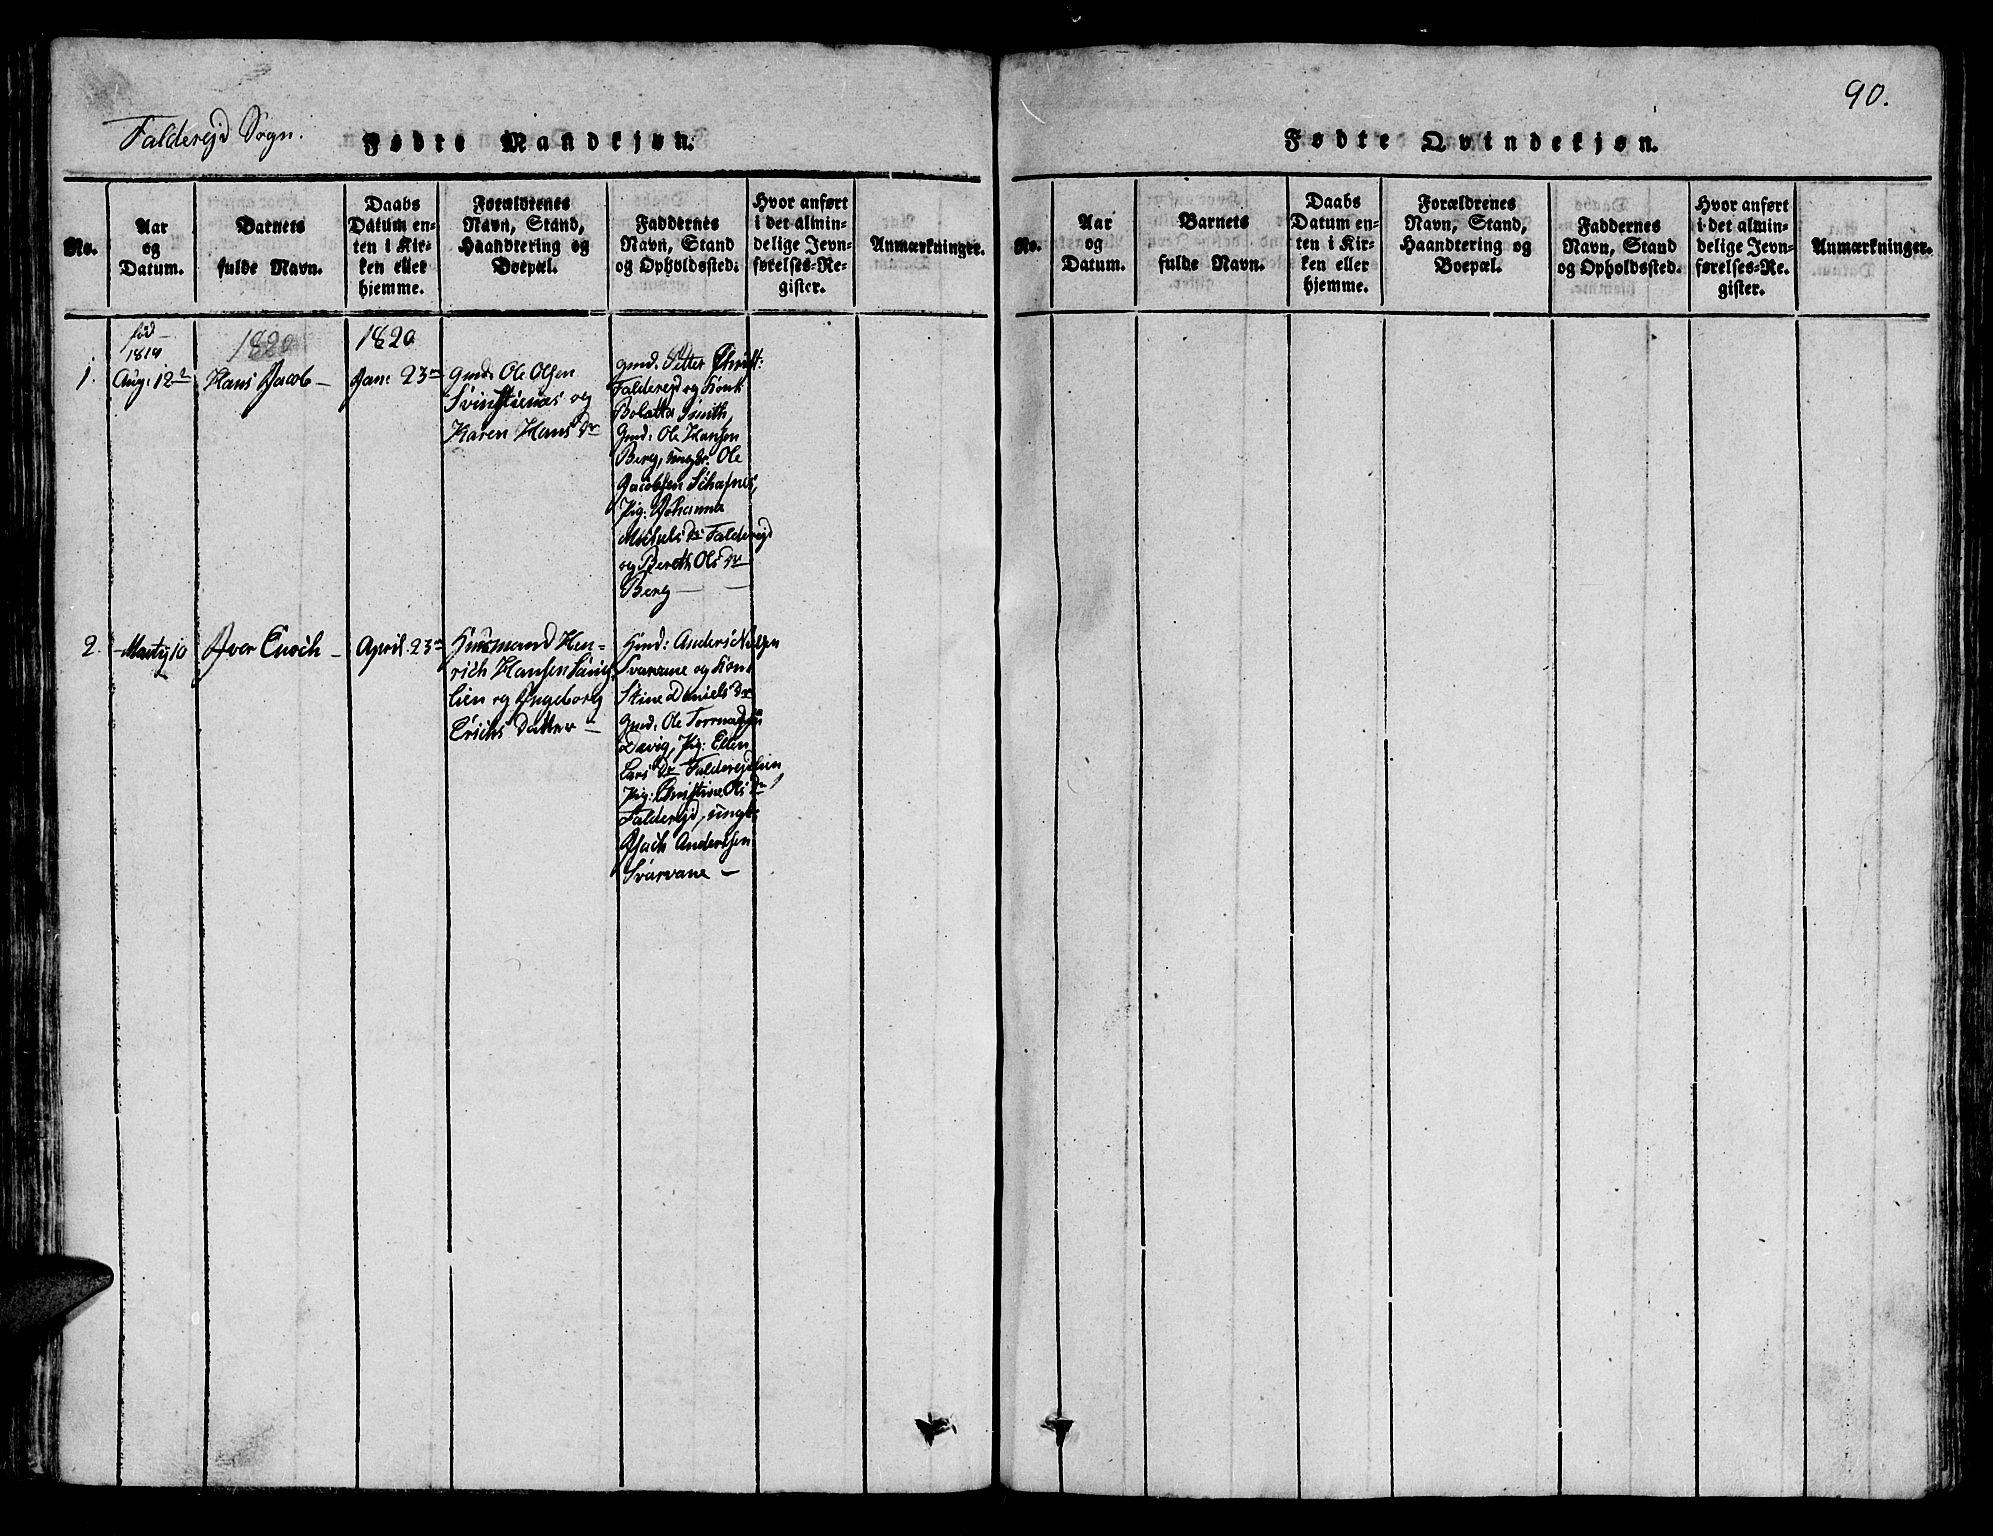 SAT, Ministerialprotokoller, klokkerbøker og fødselsregistre - Nord-Trøndelag, 780/L0648: Klokkerbok nr. 780C01 /3, 1815-1877, s. 90